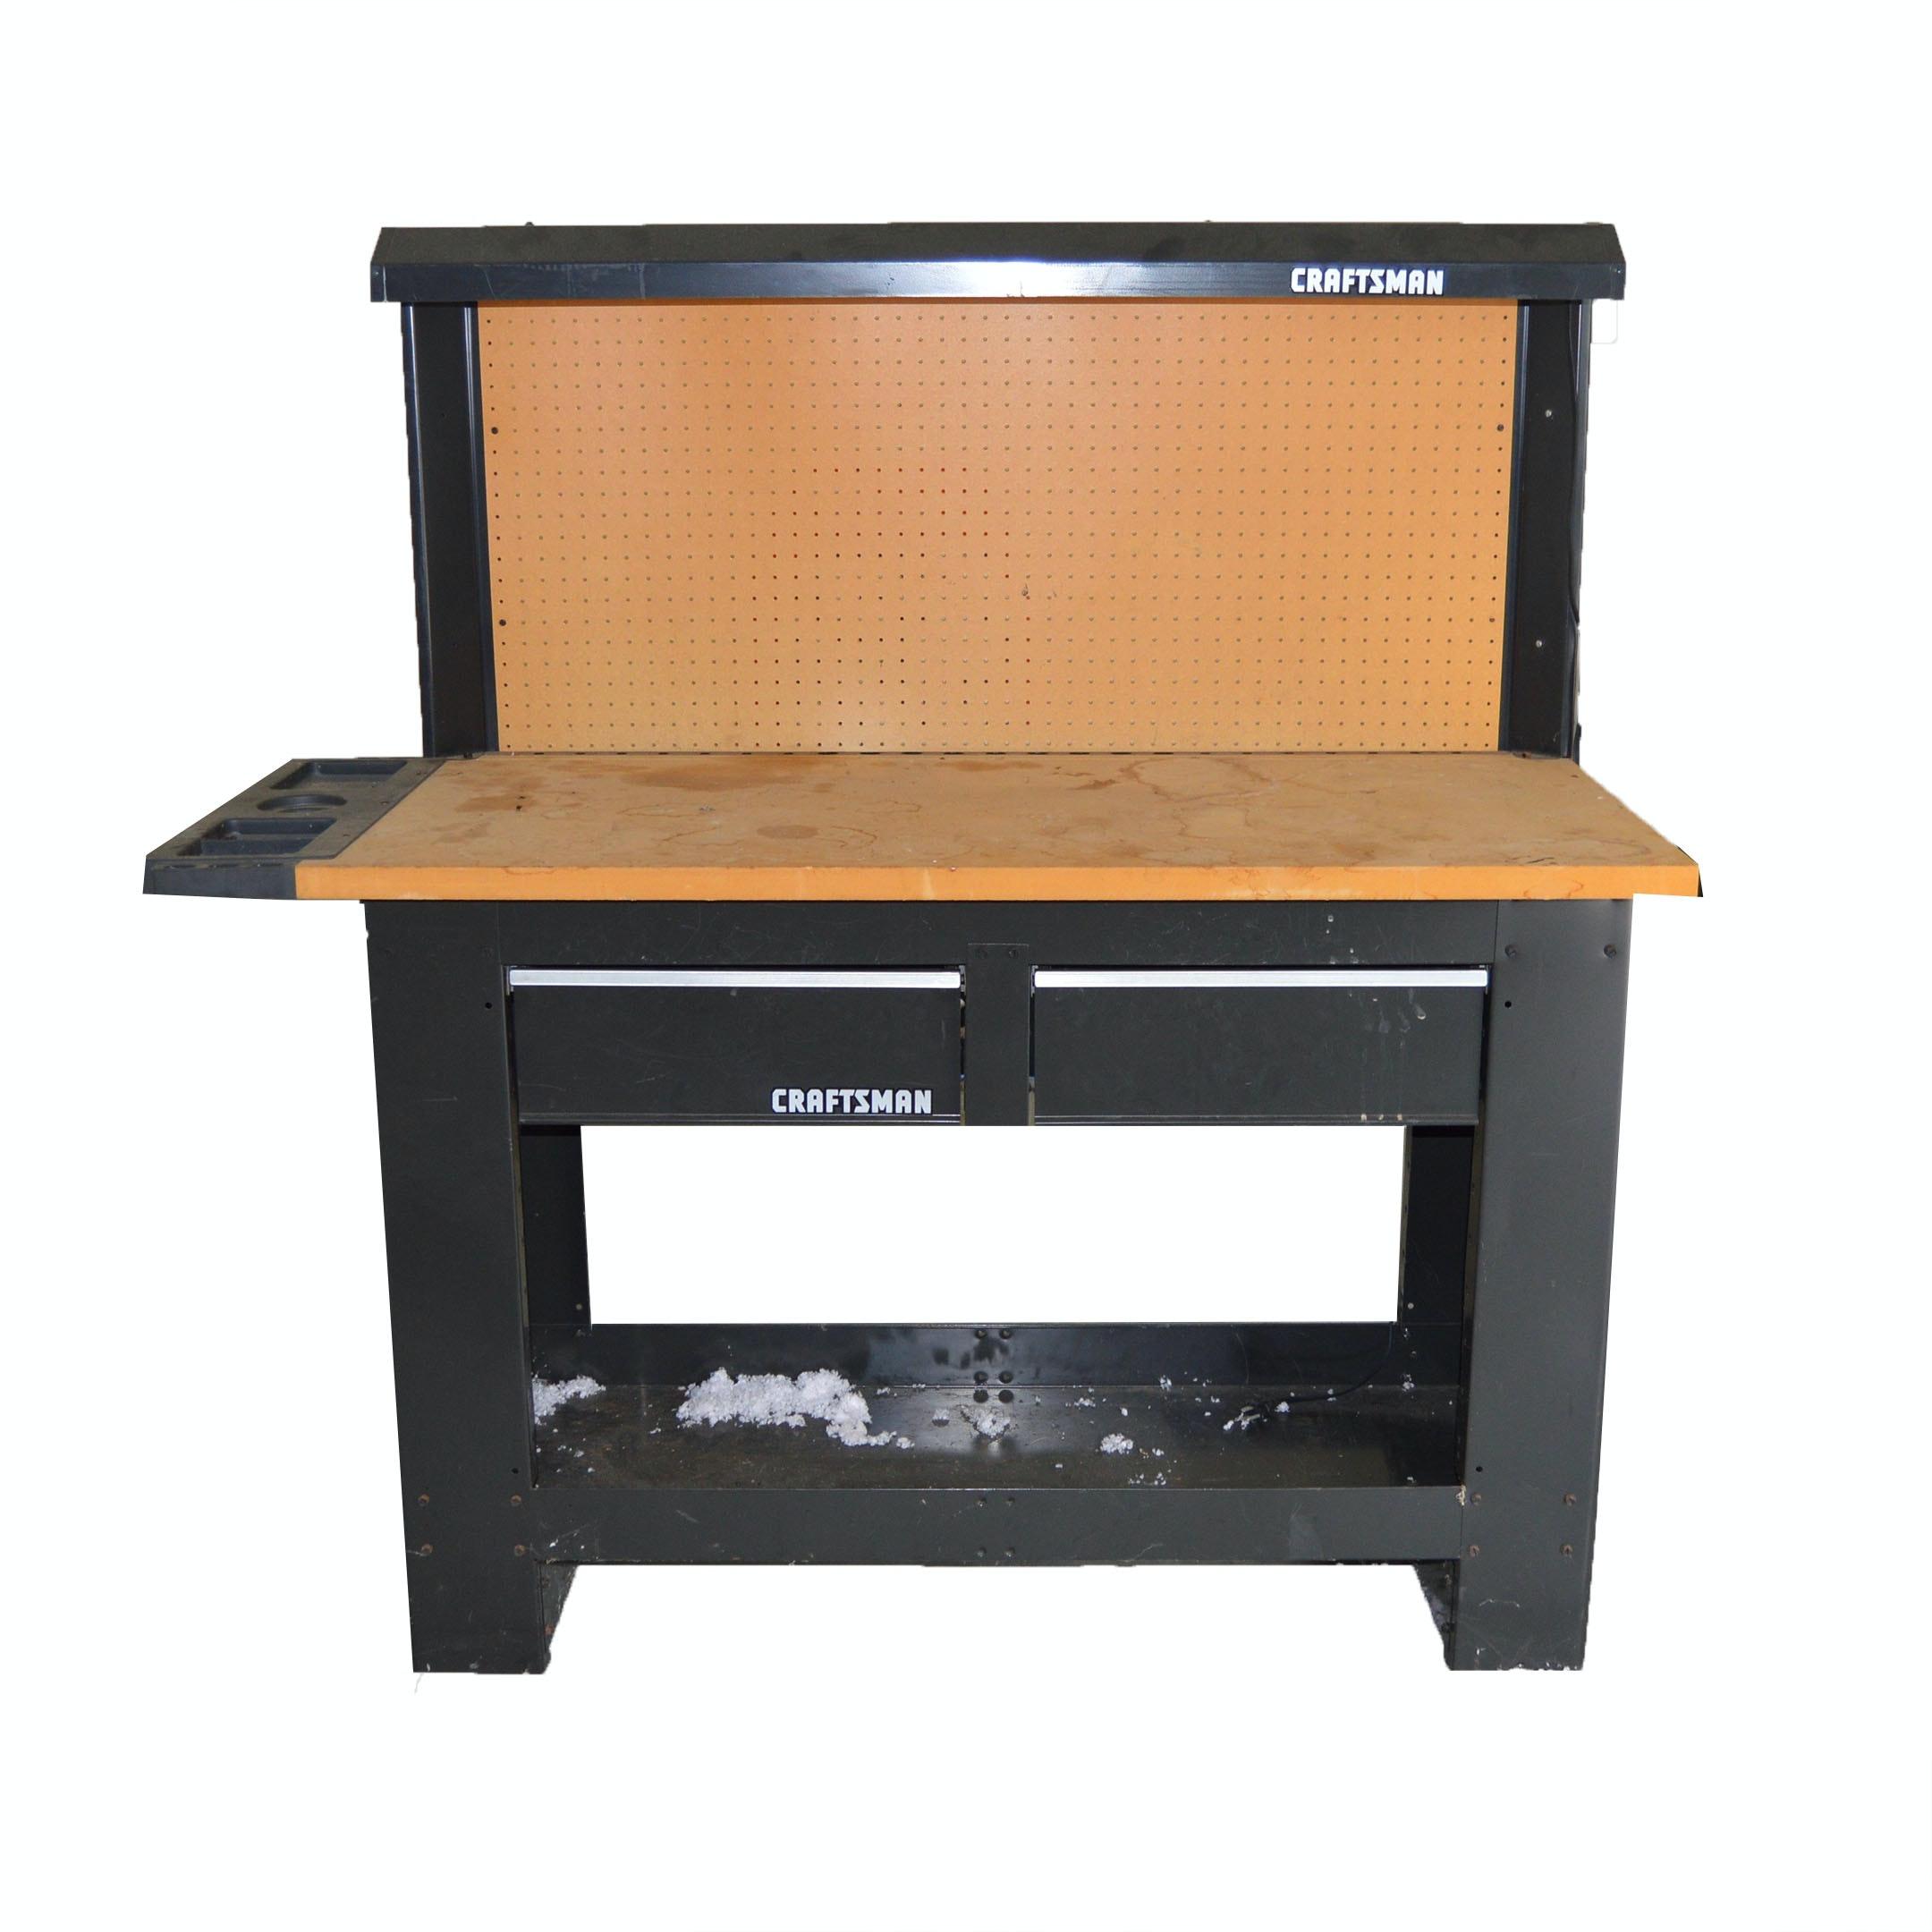 Craftsman Work Shop Tool Bench ...